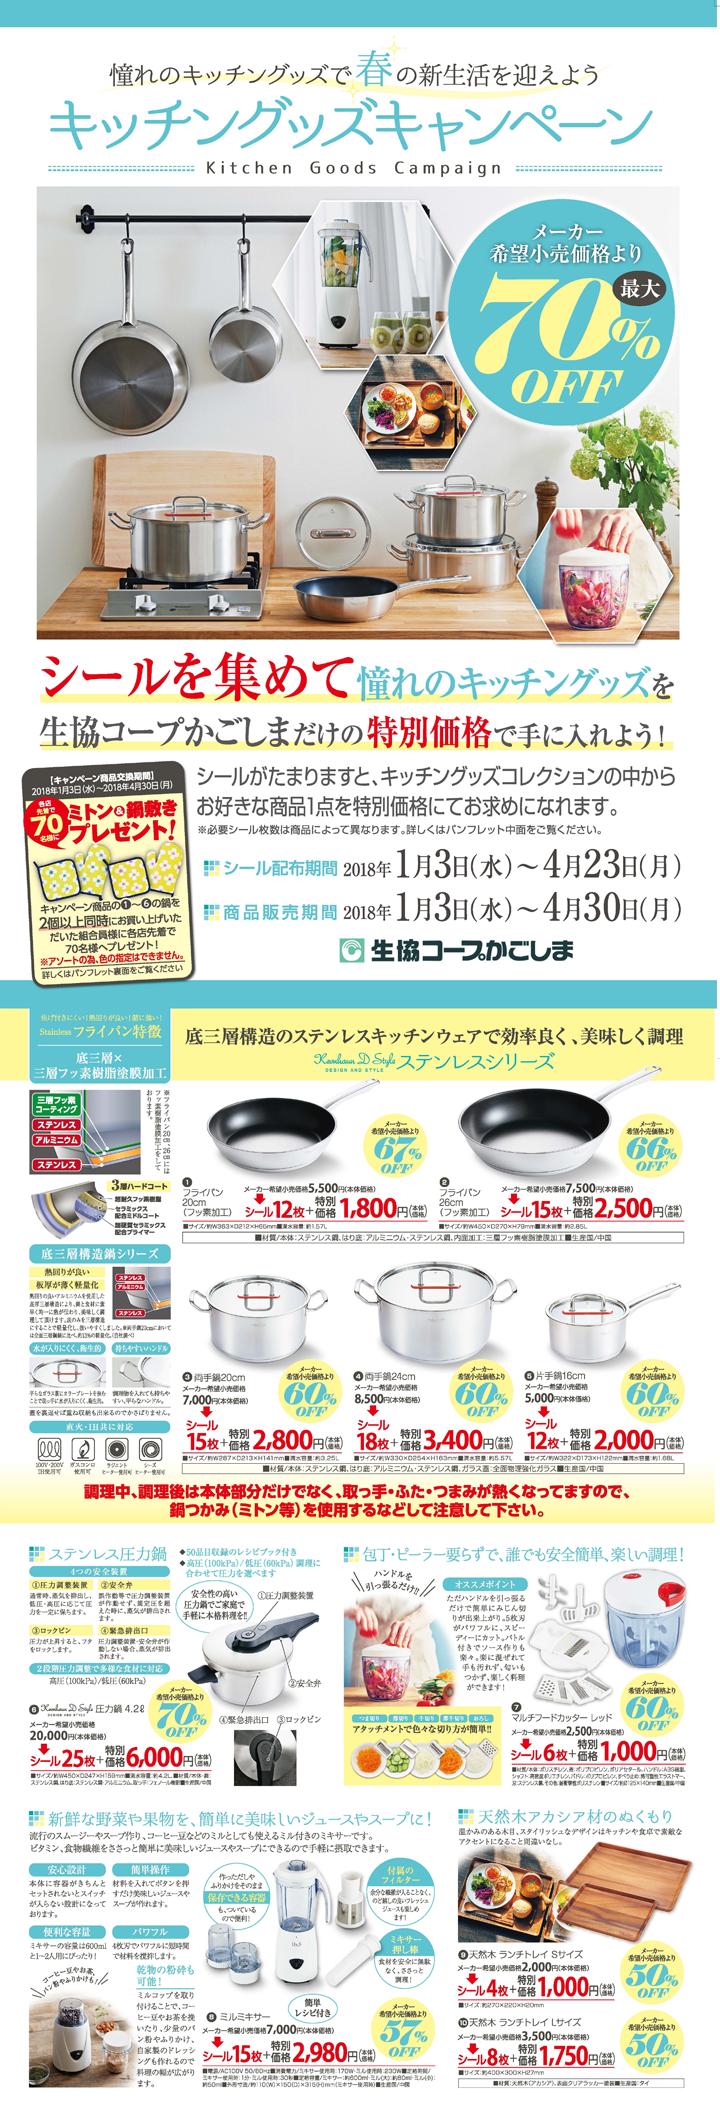 180103-キッチンツール01.png